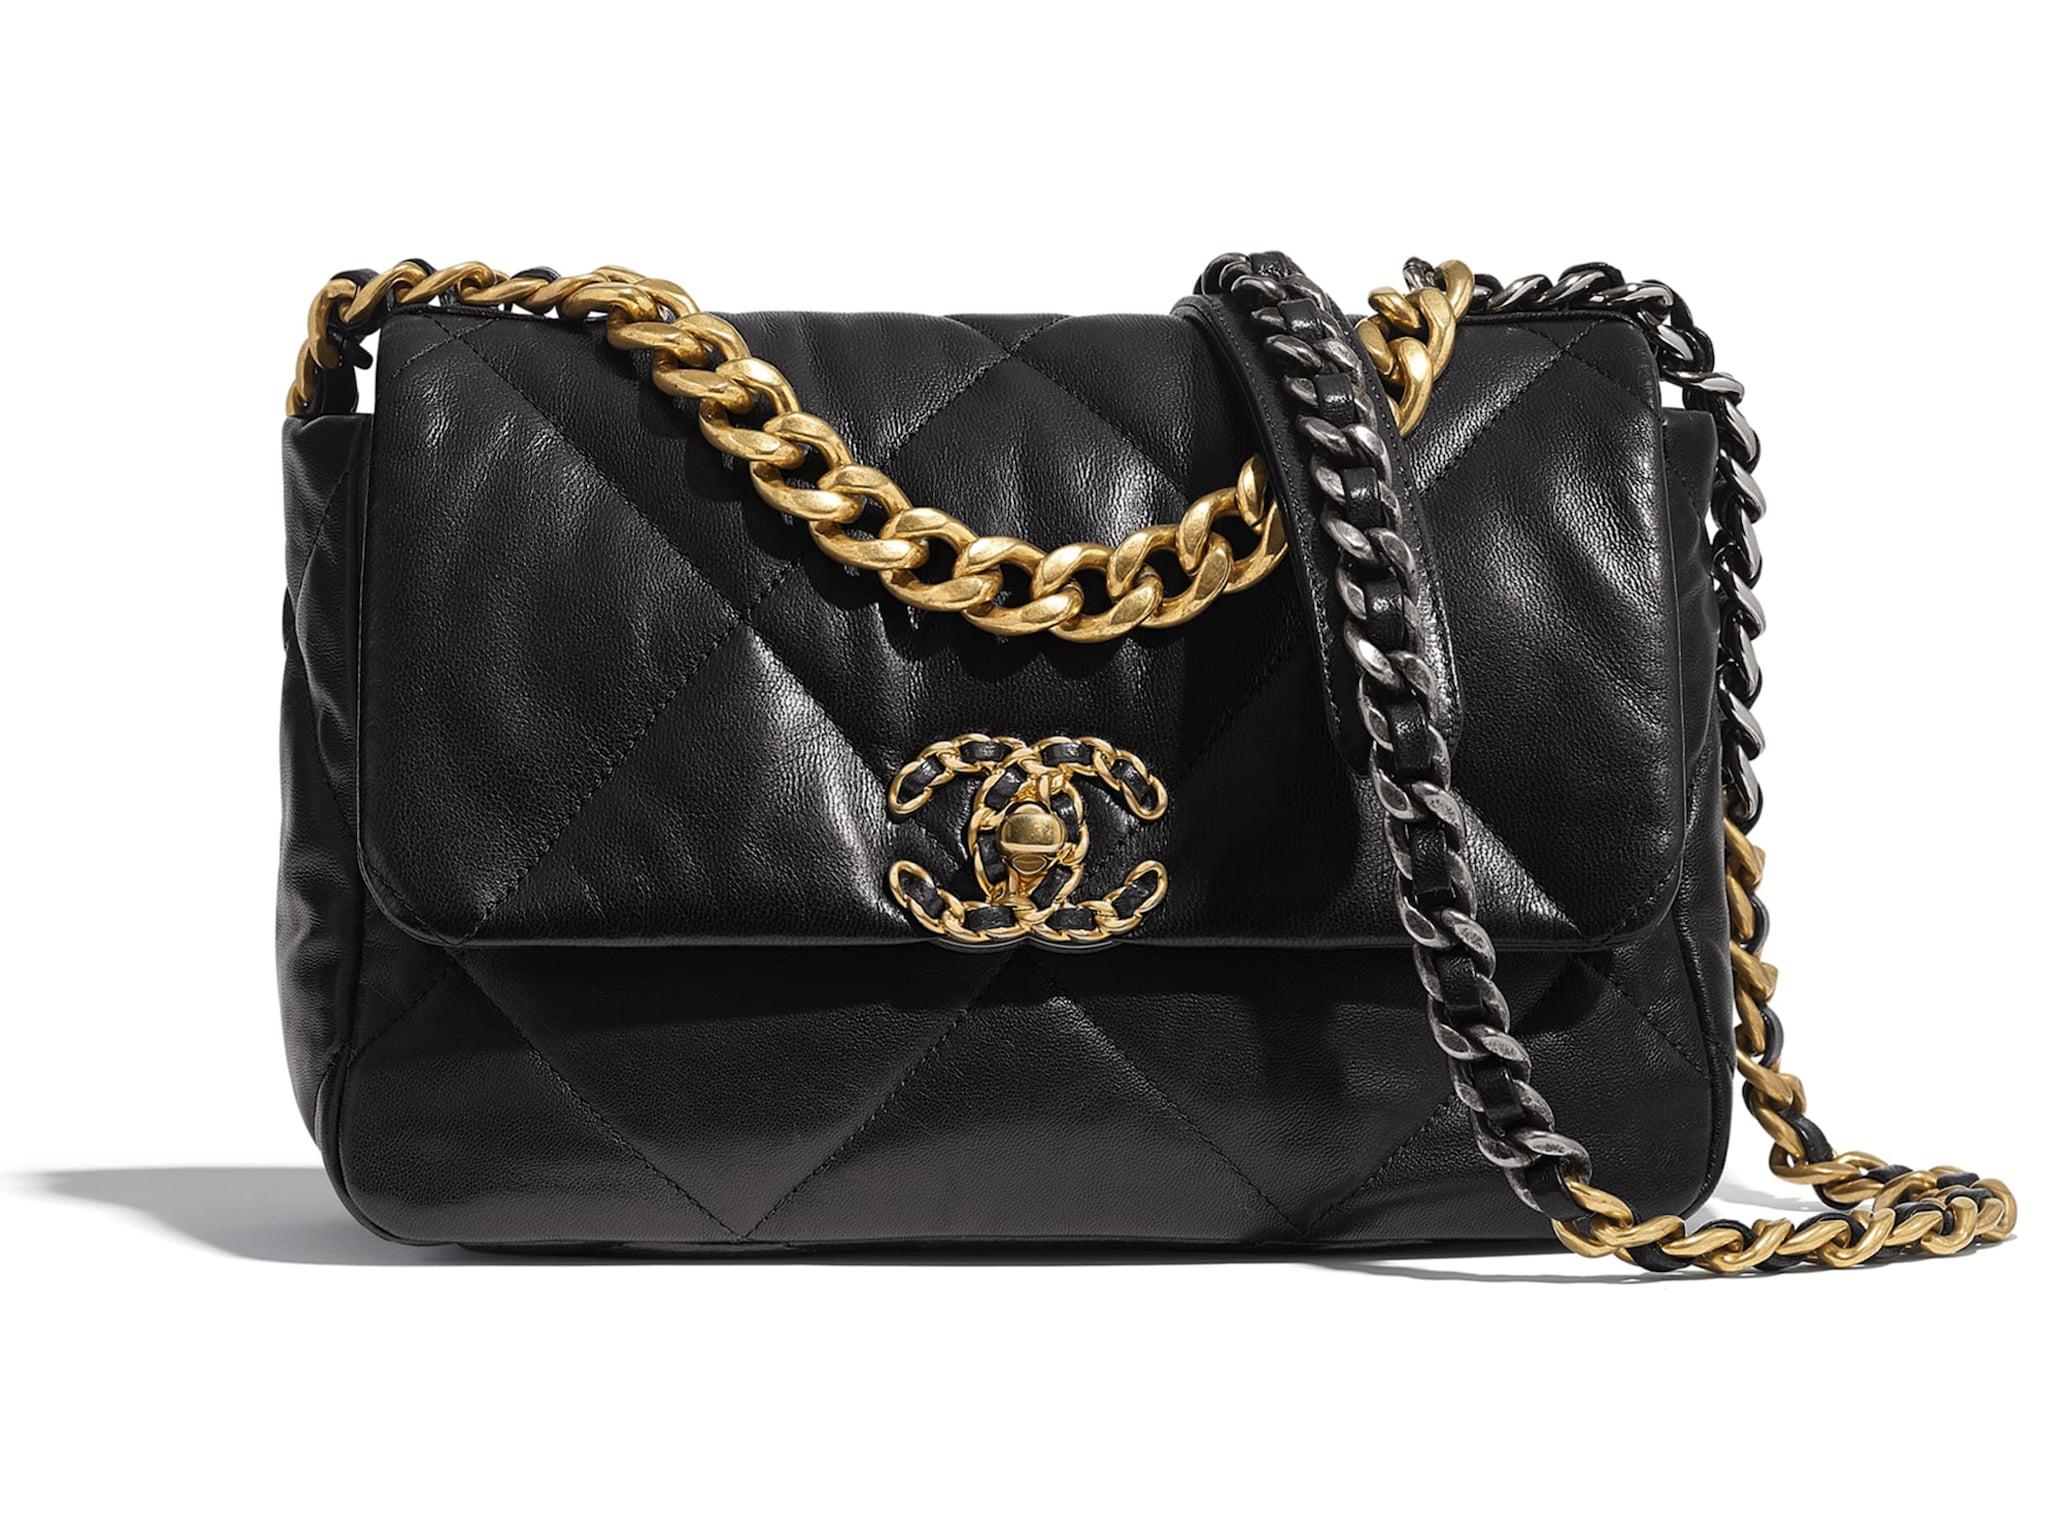 CHANELÈ l'evoluzione moderna, precisamente del 2019, di una delle borse più storiche al mondo, la 2.55, ideata da Gabrielle Chanel nel febbraio 1955. È stata pensata con grosse catene, dimensioni e materiali diversi, che si fanno pop (Chanel 19, 4.500 euro, Chanel).